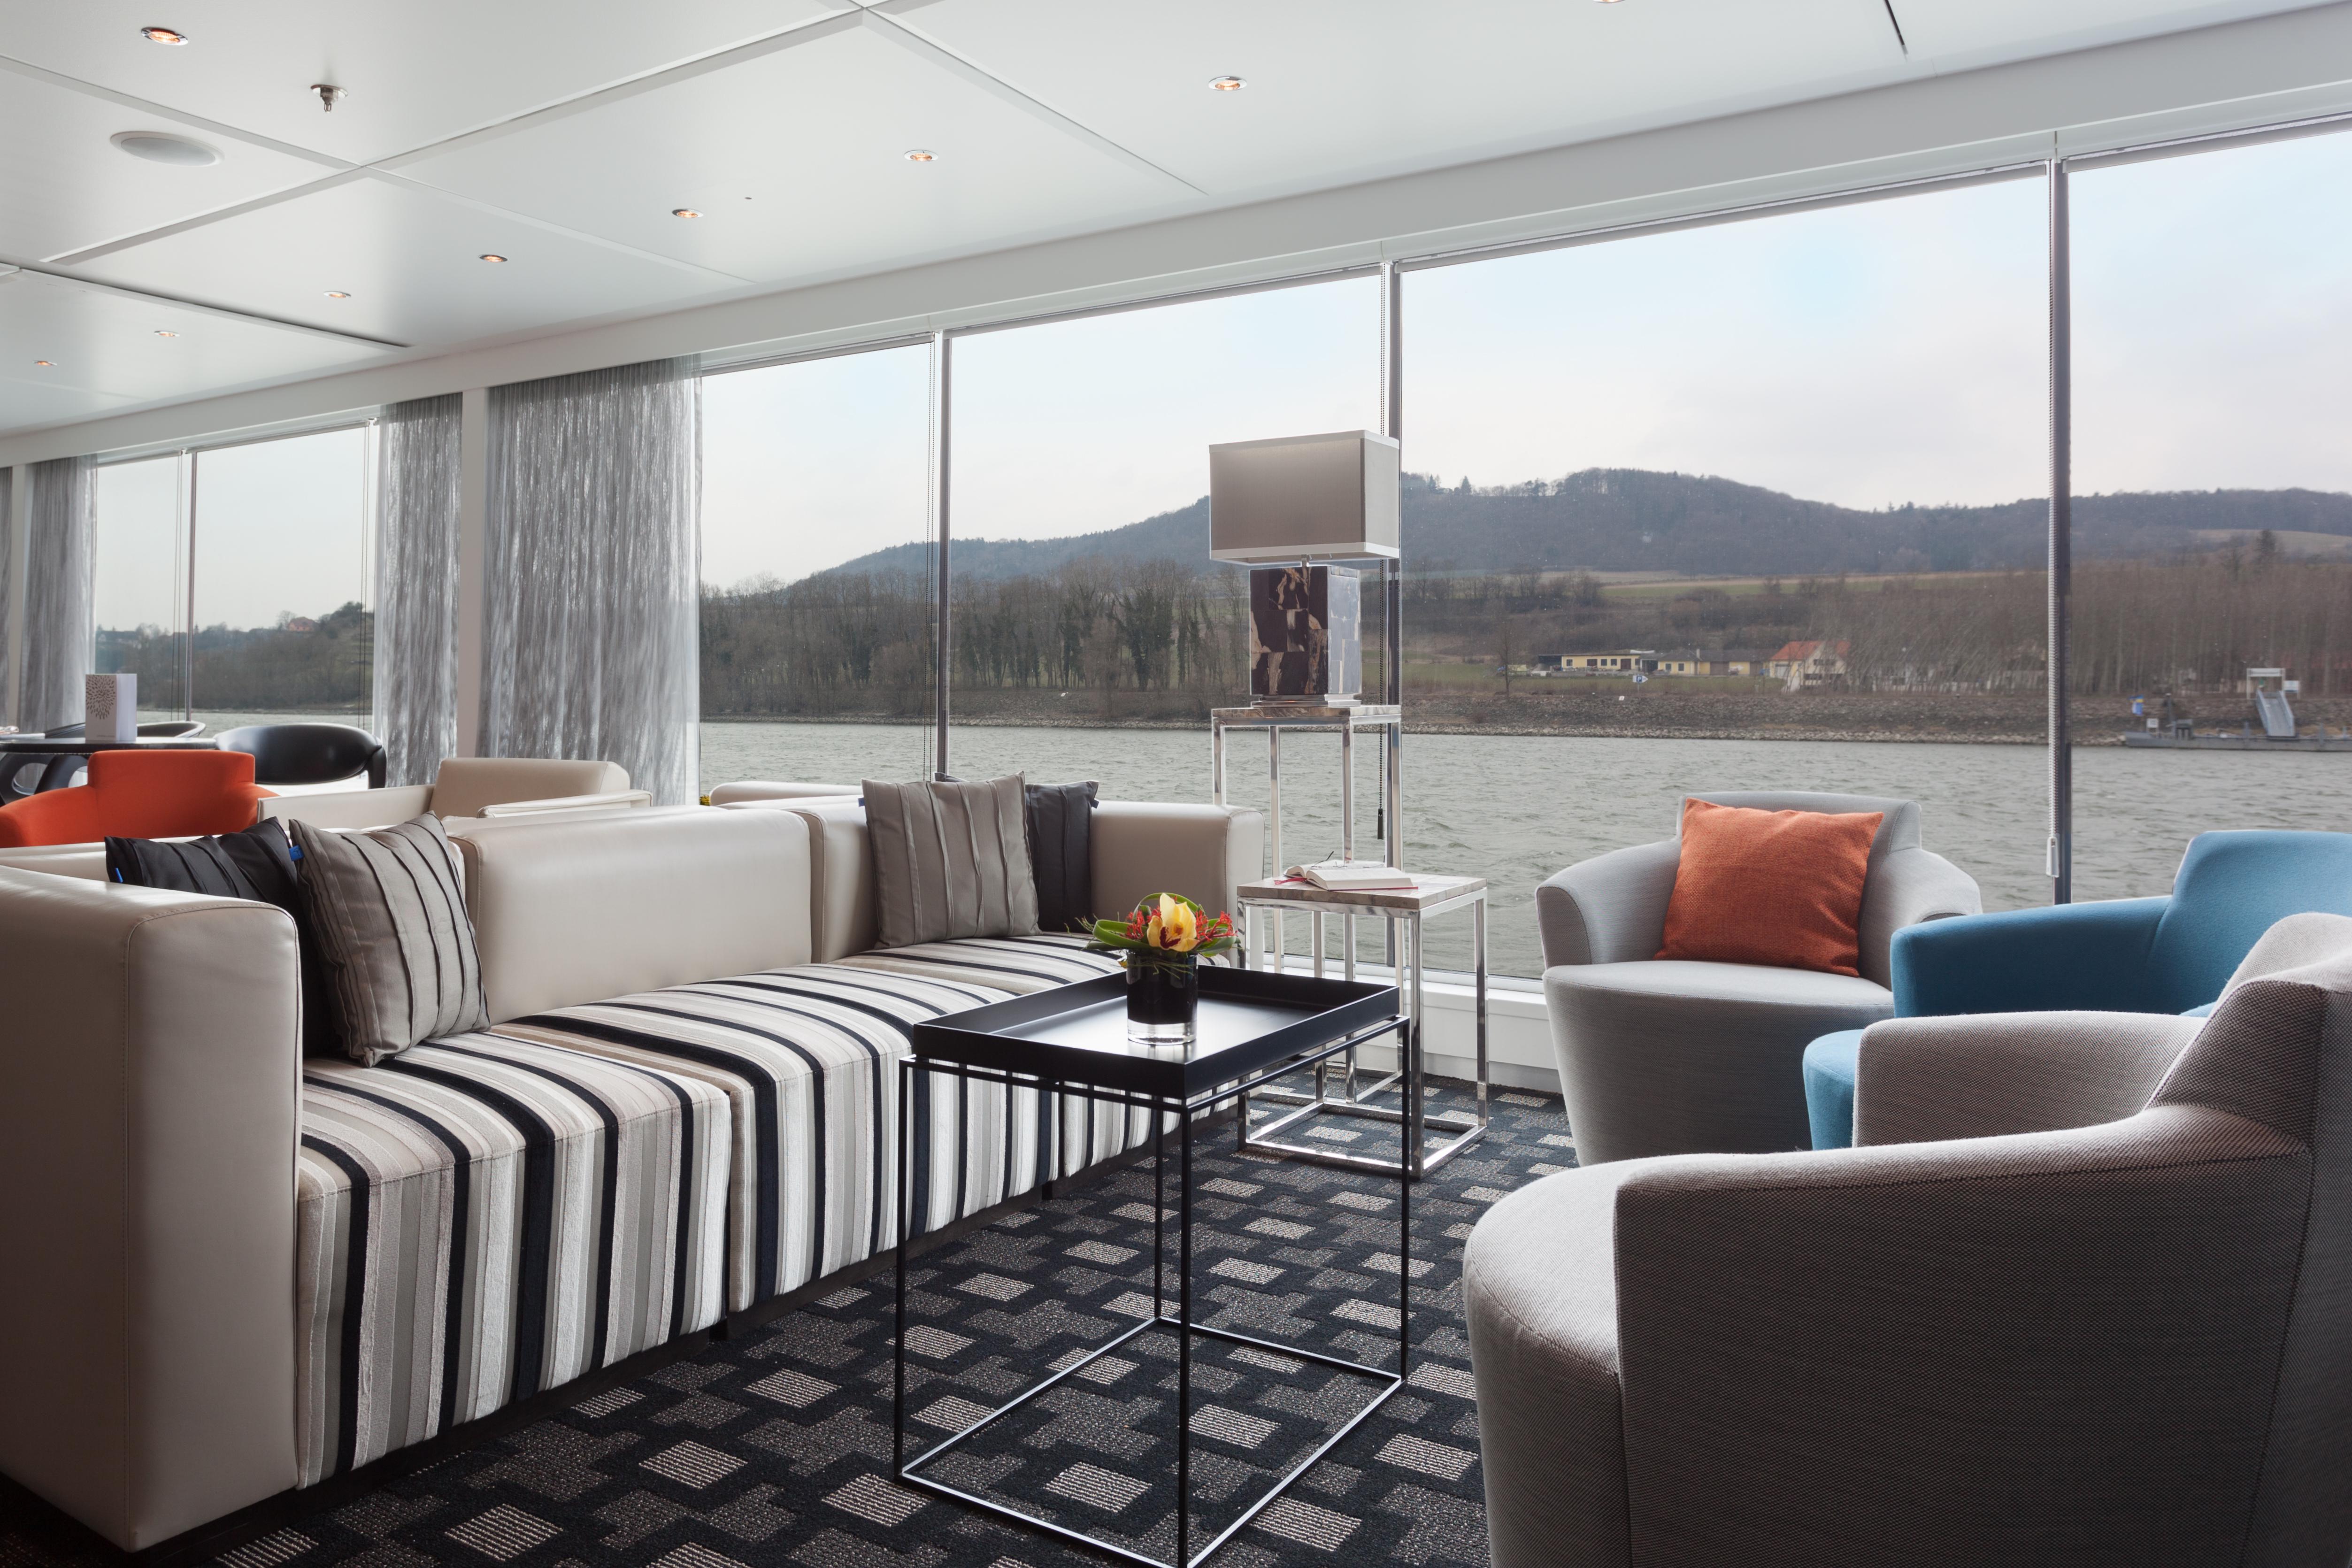 Scenic Sapphire Scenic Emerald Scenic Diamond Scenic Ruby Scenic Pearl Interior Lounge 1.jpg